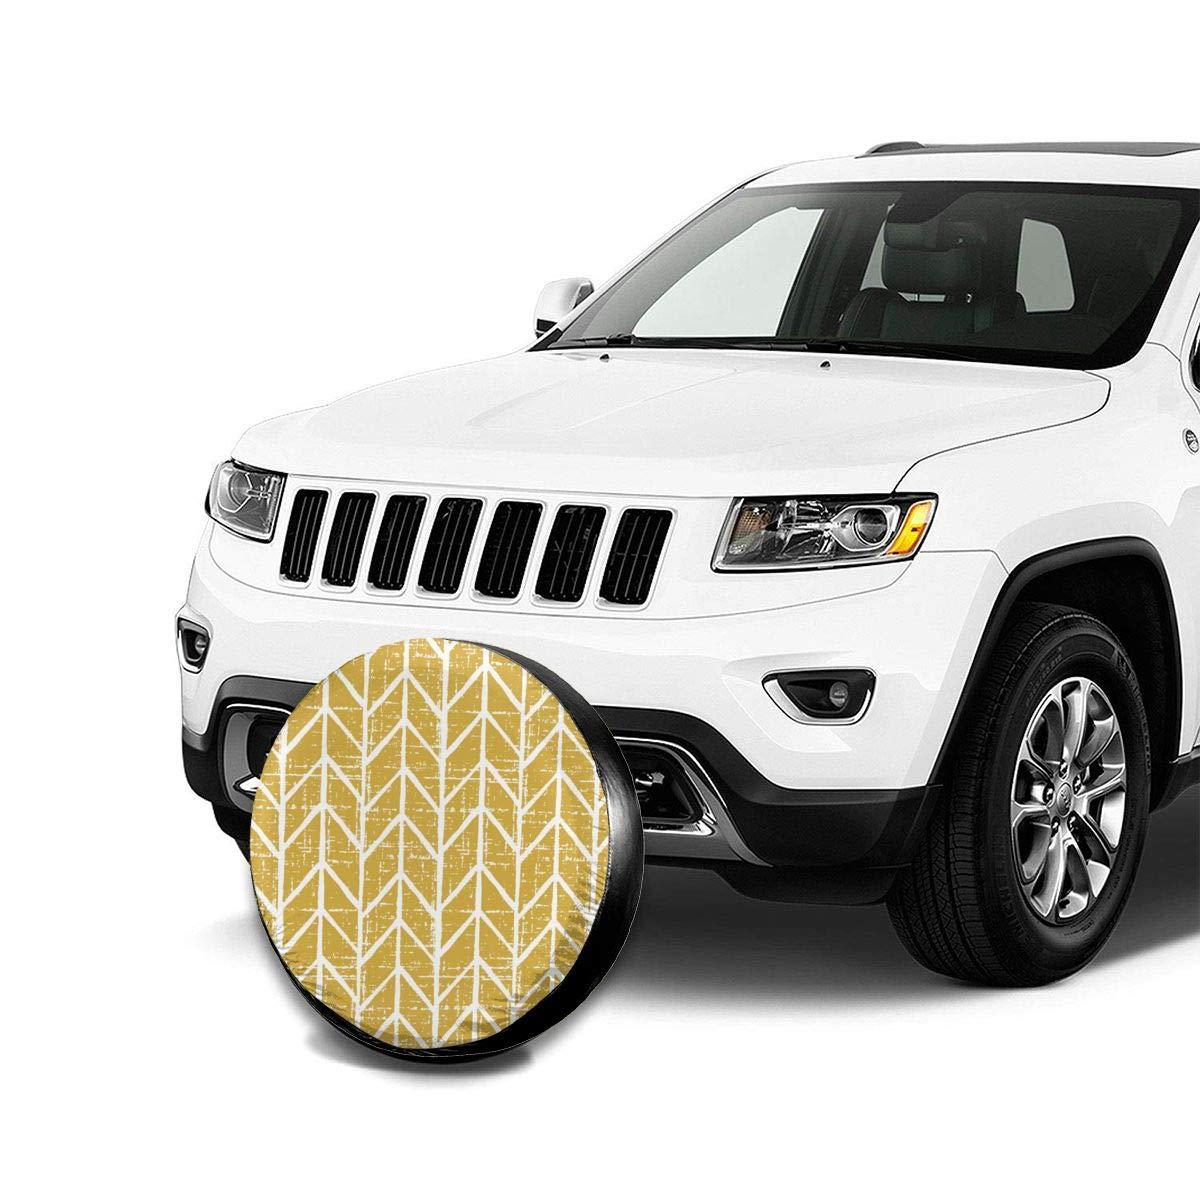 Sula-Lit Housse de Roue de Secours pour Jeep Camper RV SUV Camion 14 Pouces Jaune Moutarde